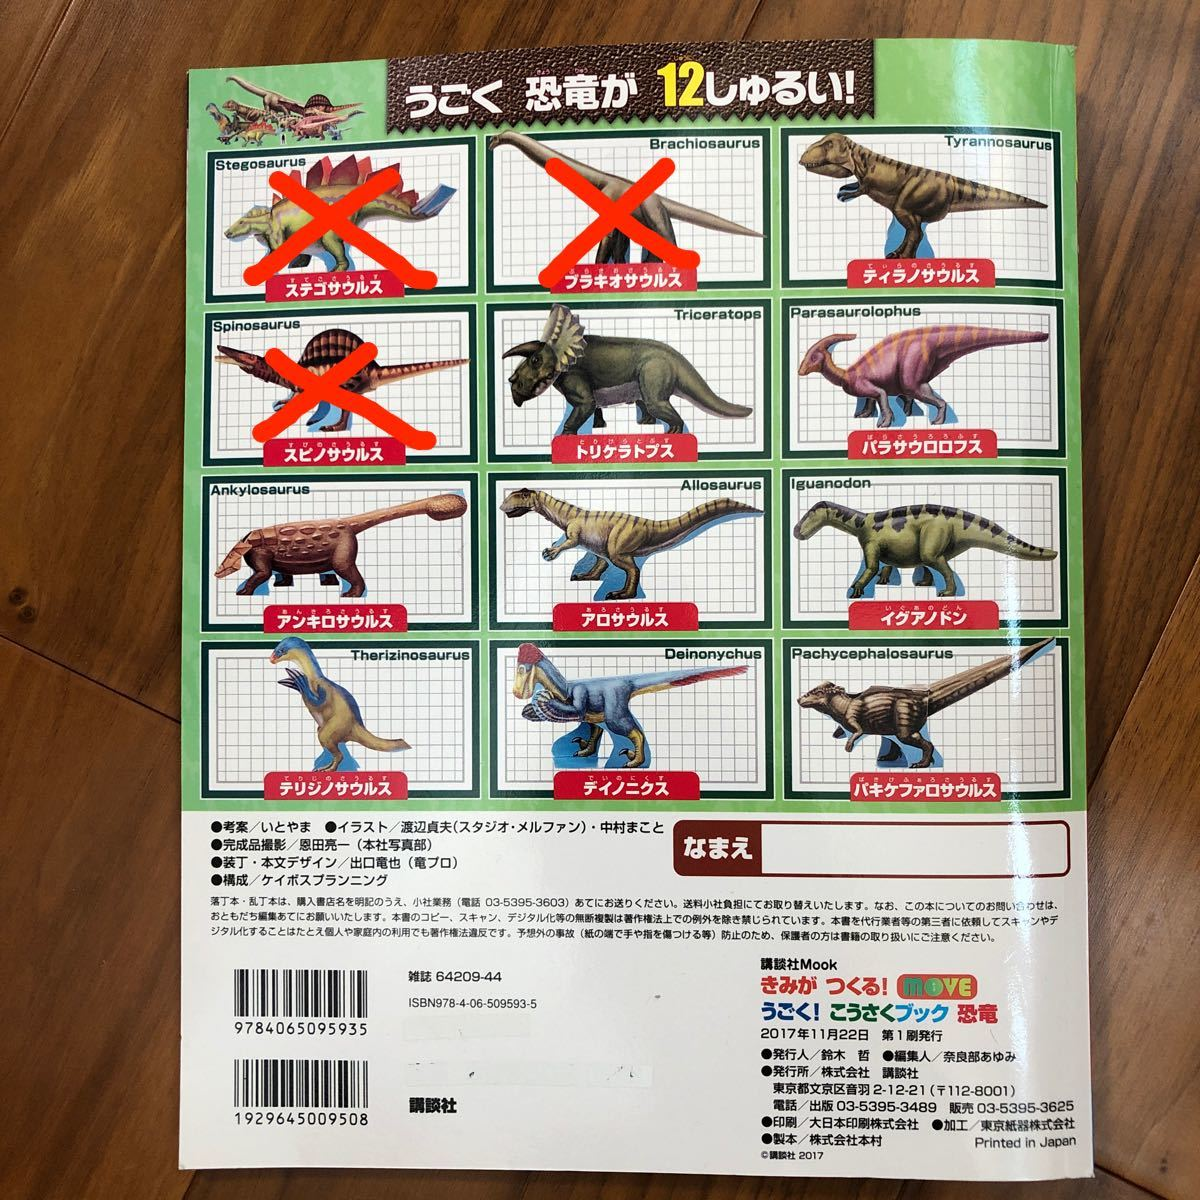 きみがつくる! MOVEうごく! こうさくブック恐竜/子供/絵本